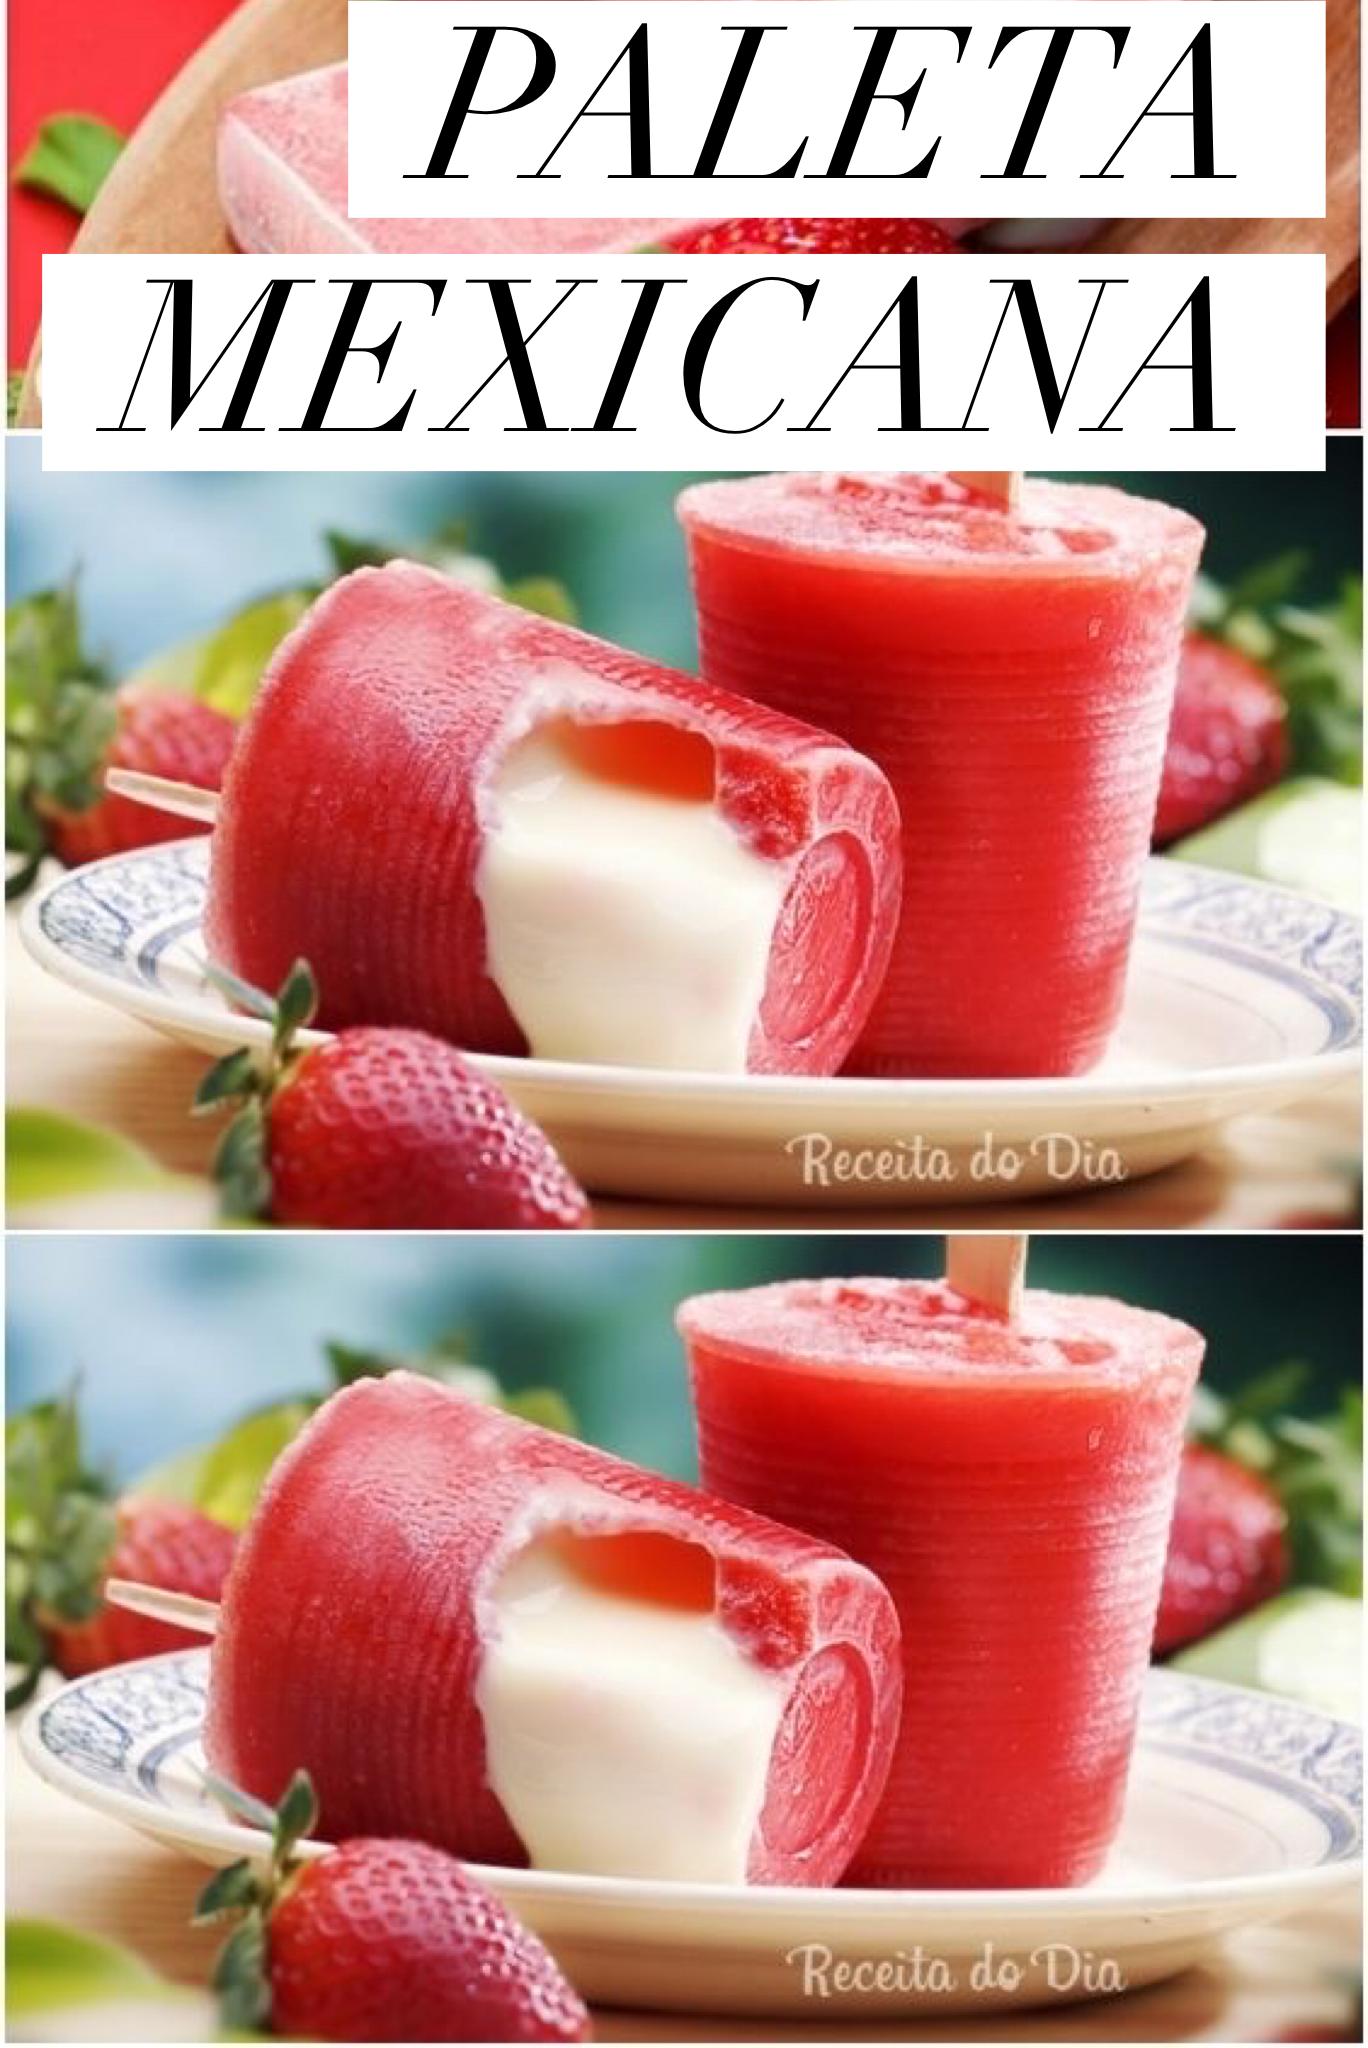 A paleta mais famosa é a de morango com leite condensado. Por isso selecionamos essa receita para você. #paletas #mexicanrecipes #Mexican #picolé #gelado #morango #recipe #receitas #receitadodia